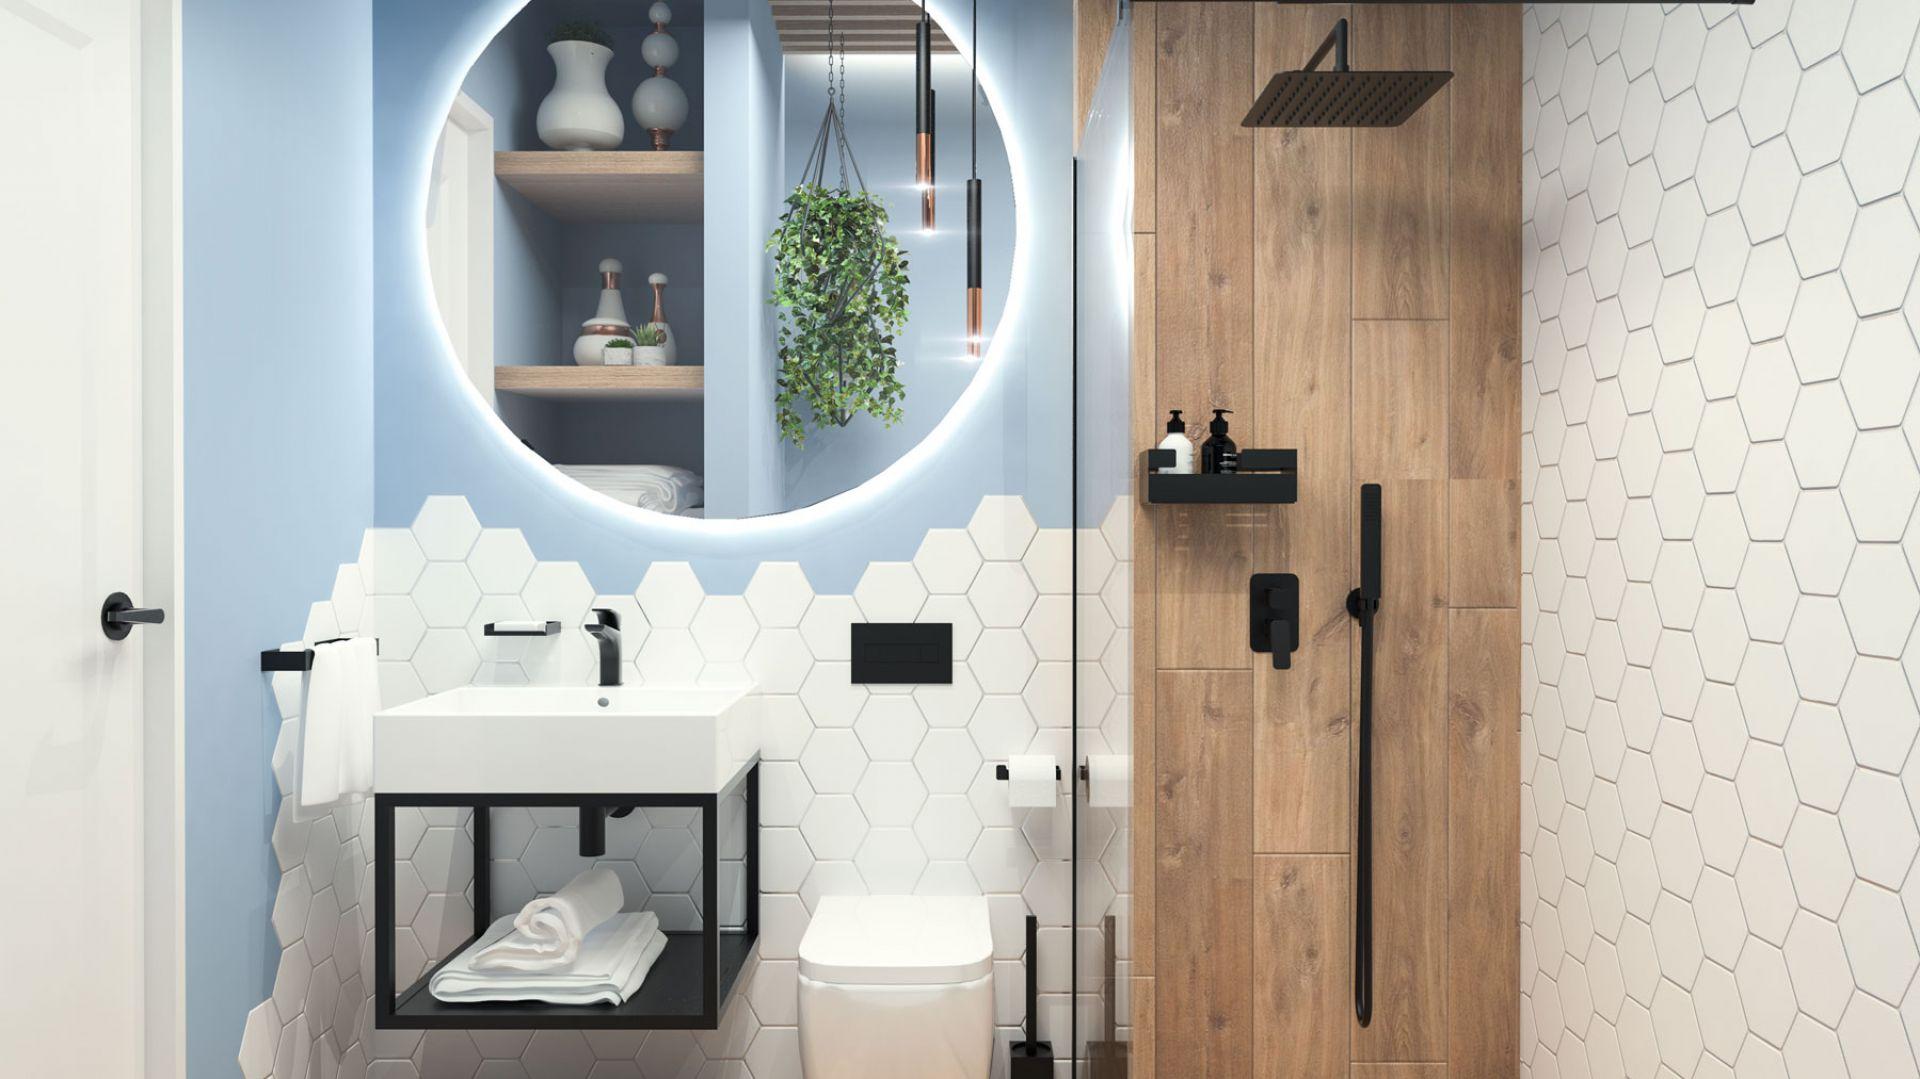 Aranżacja łazienki z BOX-em podtynkowym Deante. Fot. Deante